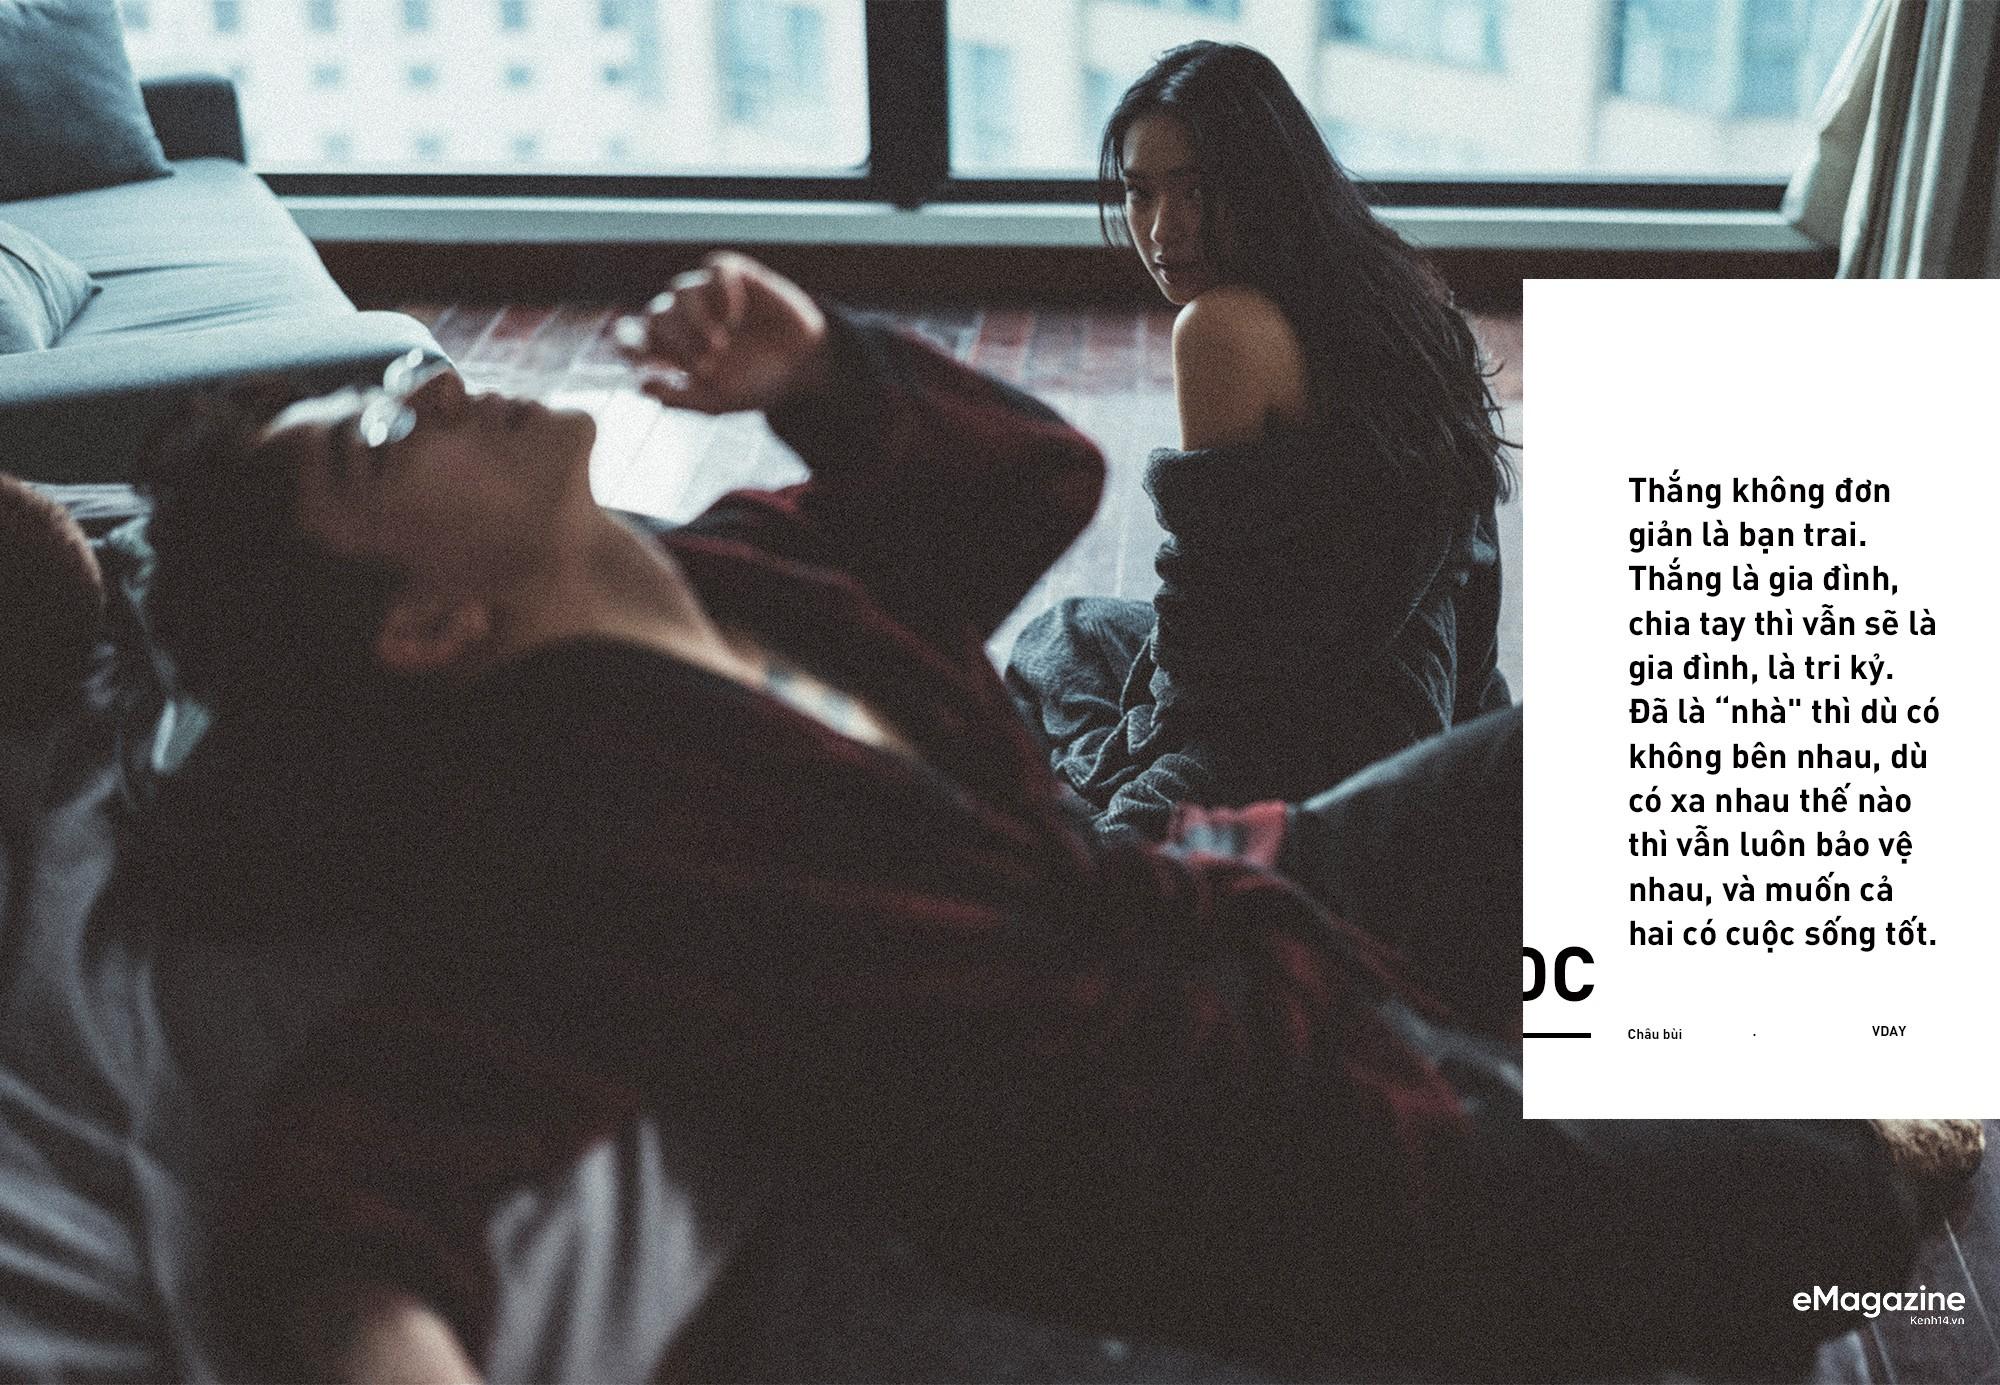 Châu Bùi - Decao: Ngồi xuống kể hết chuyện yêu nhau - Ảnh 6.